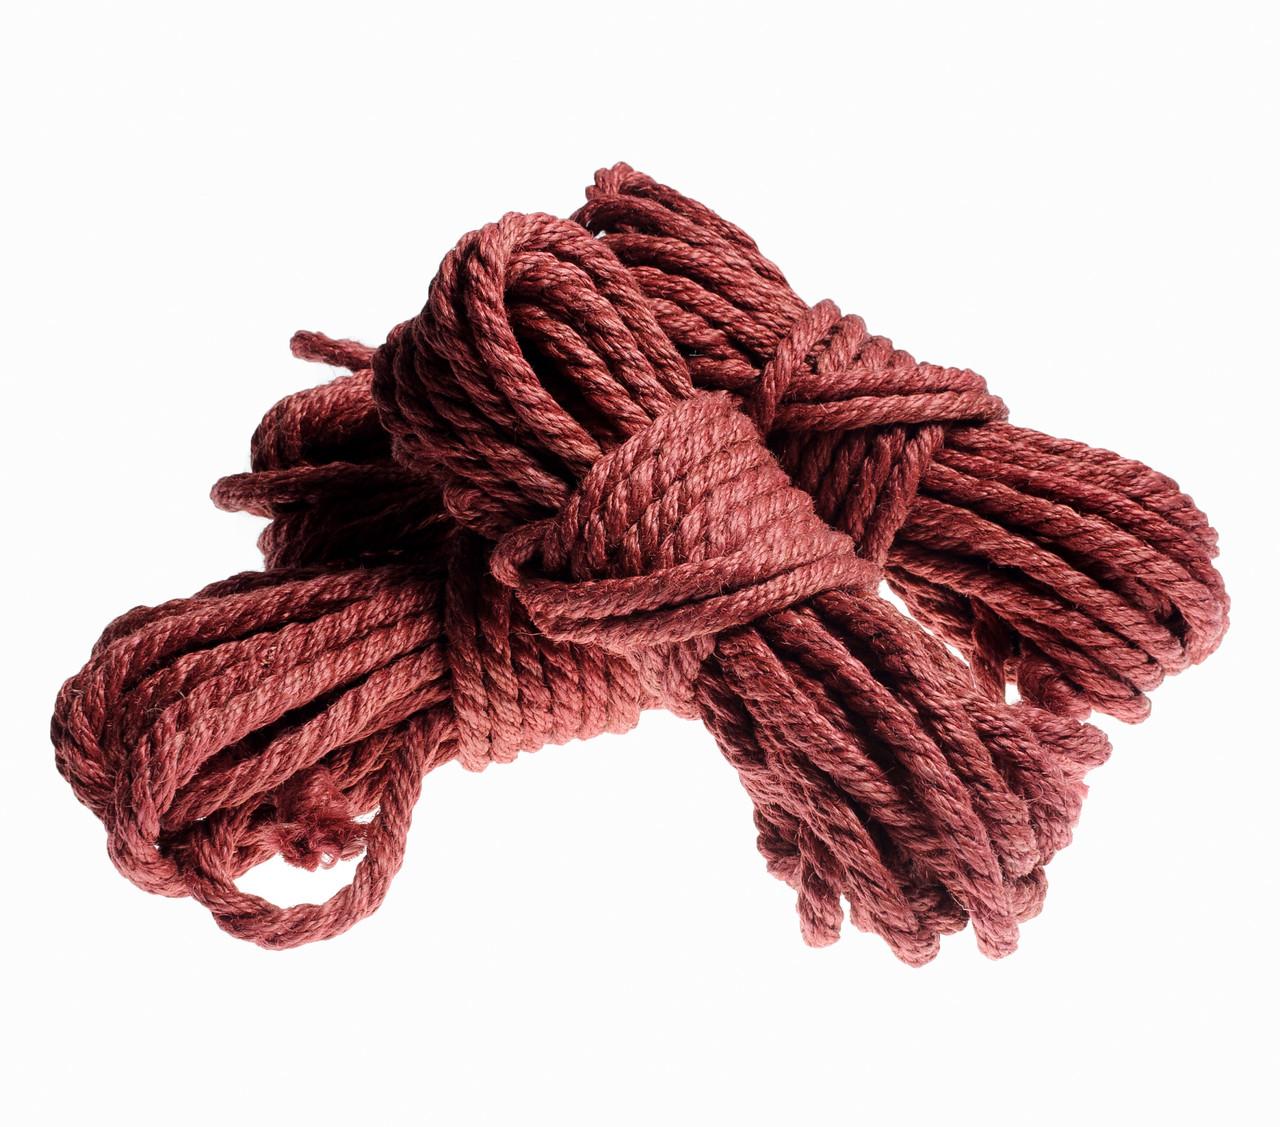 Веревка для шибари, бардовый 6мм/8м, джут